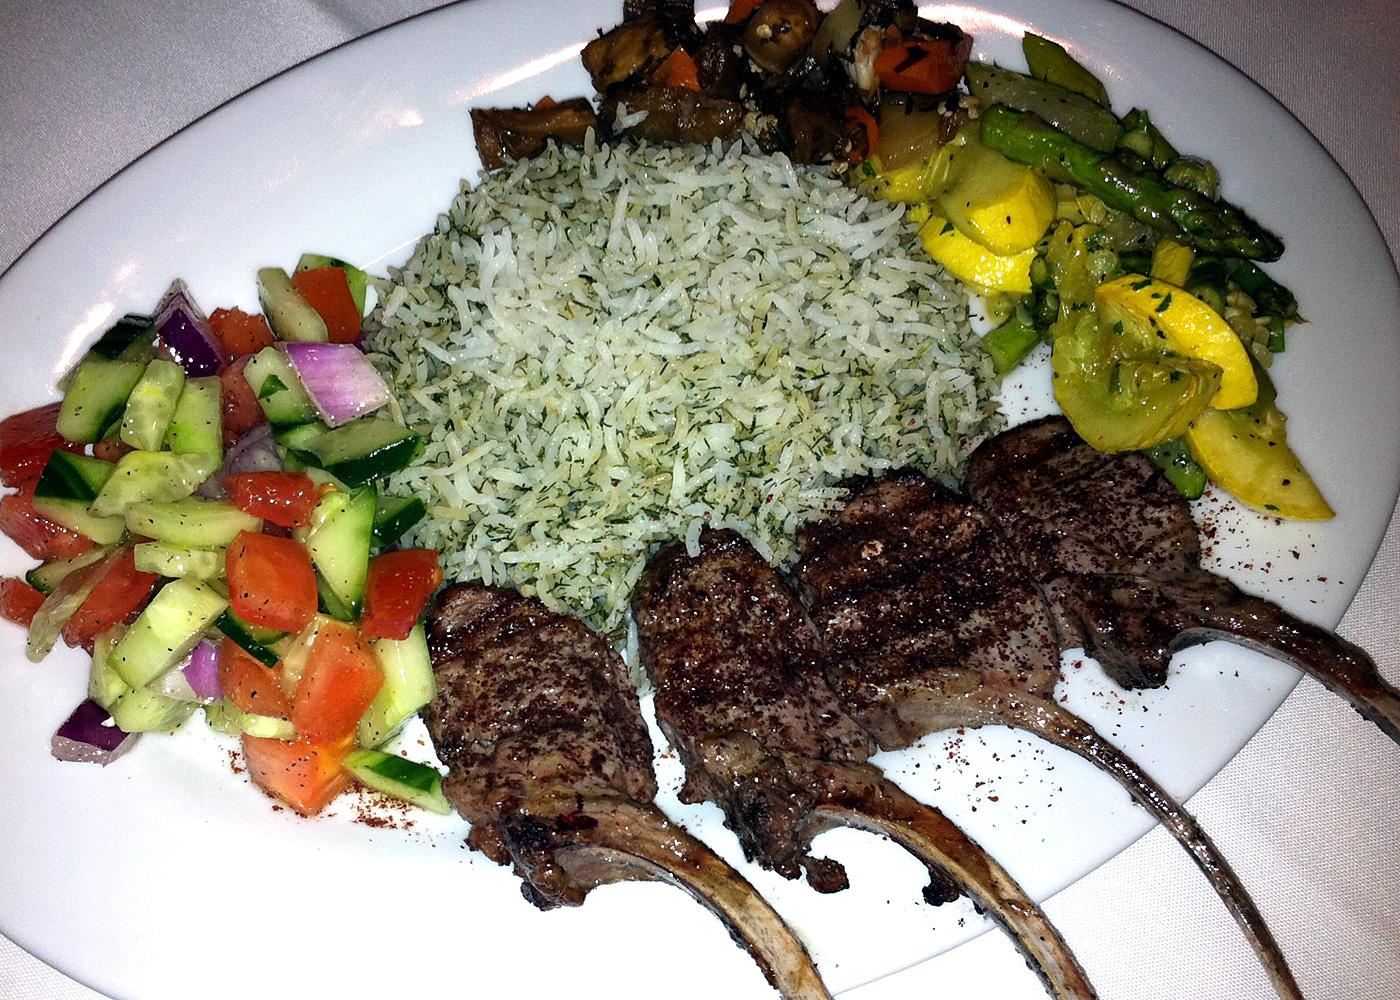 lamb chops and rice